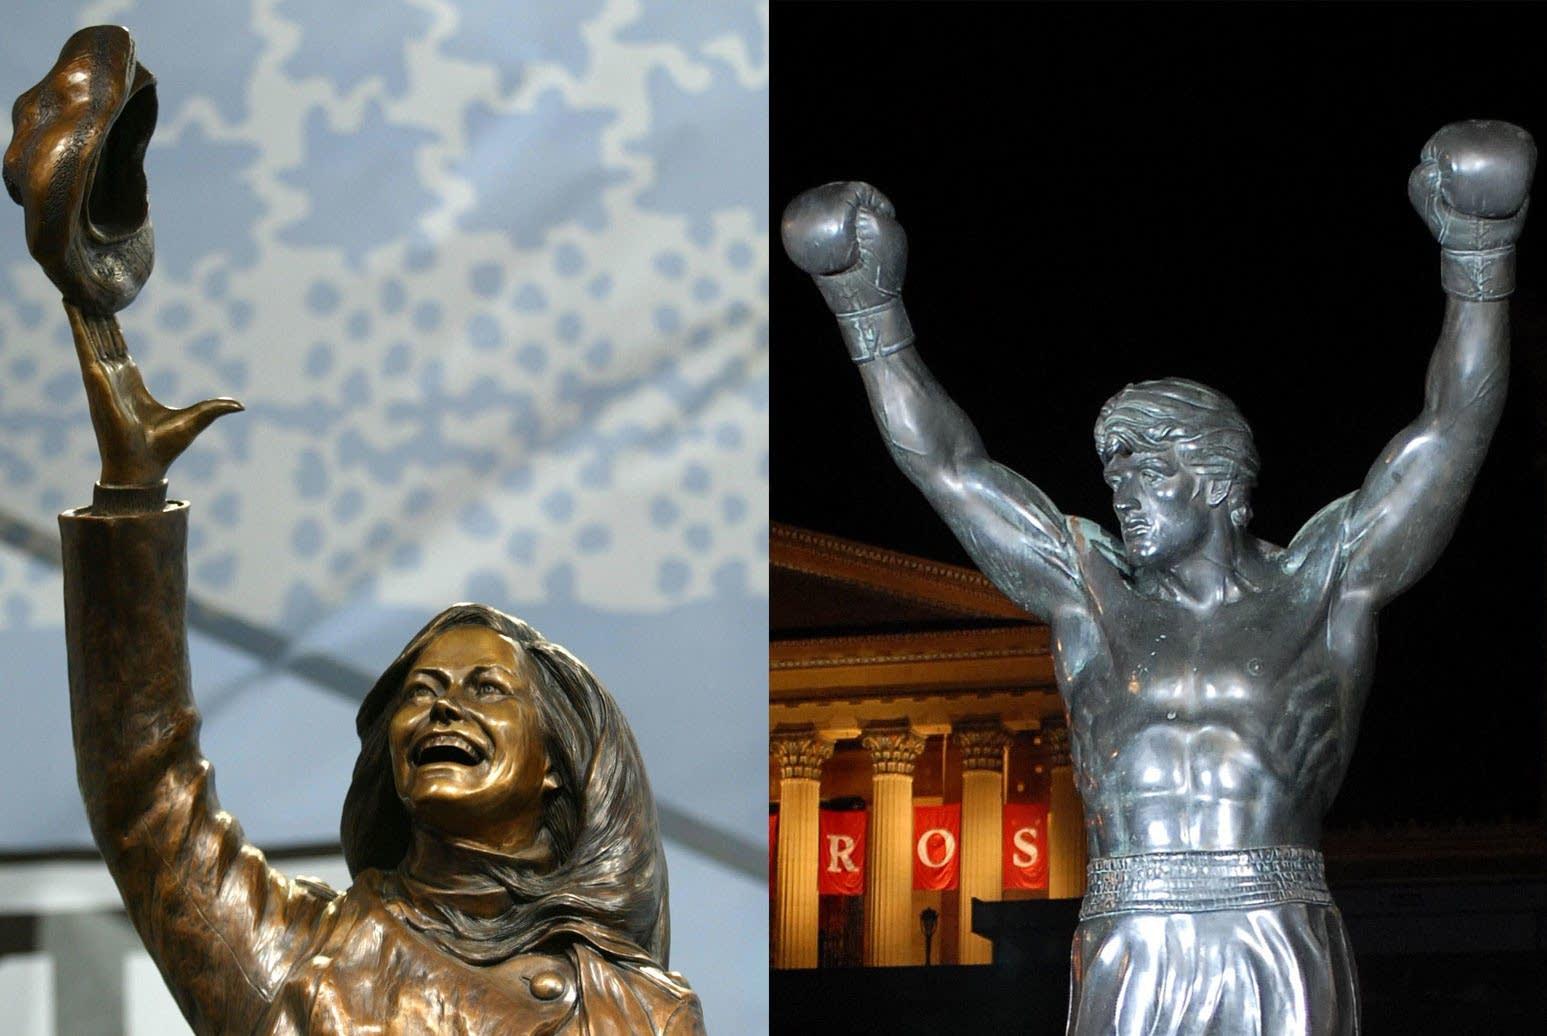 Minnesota versus Philadelphia